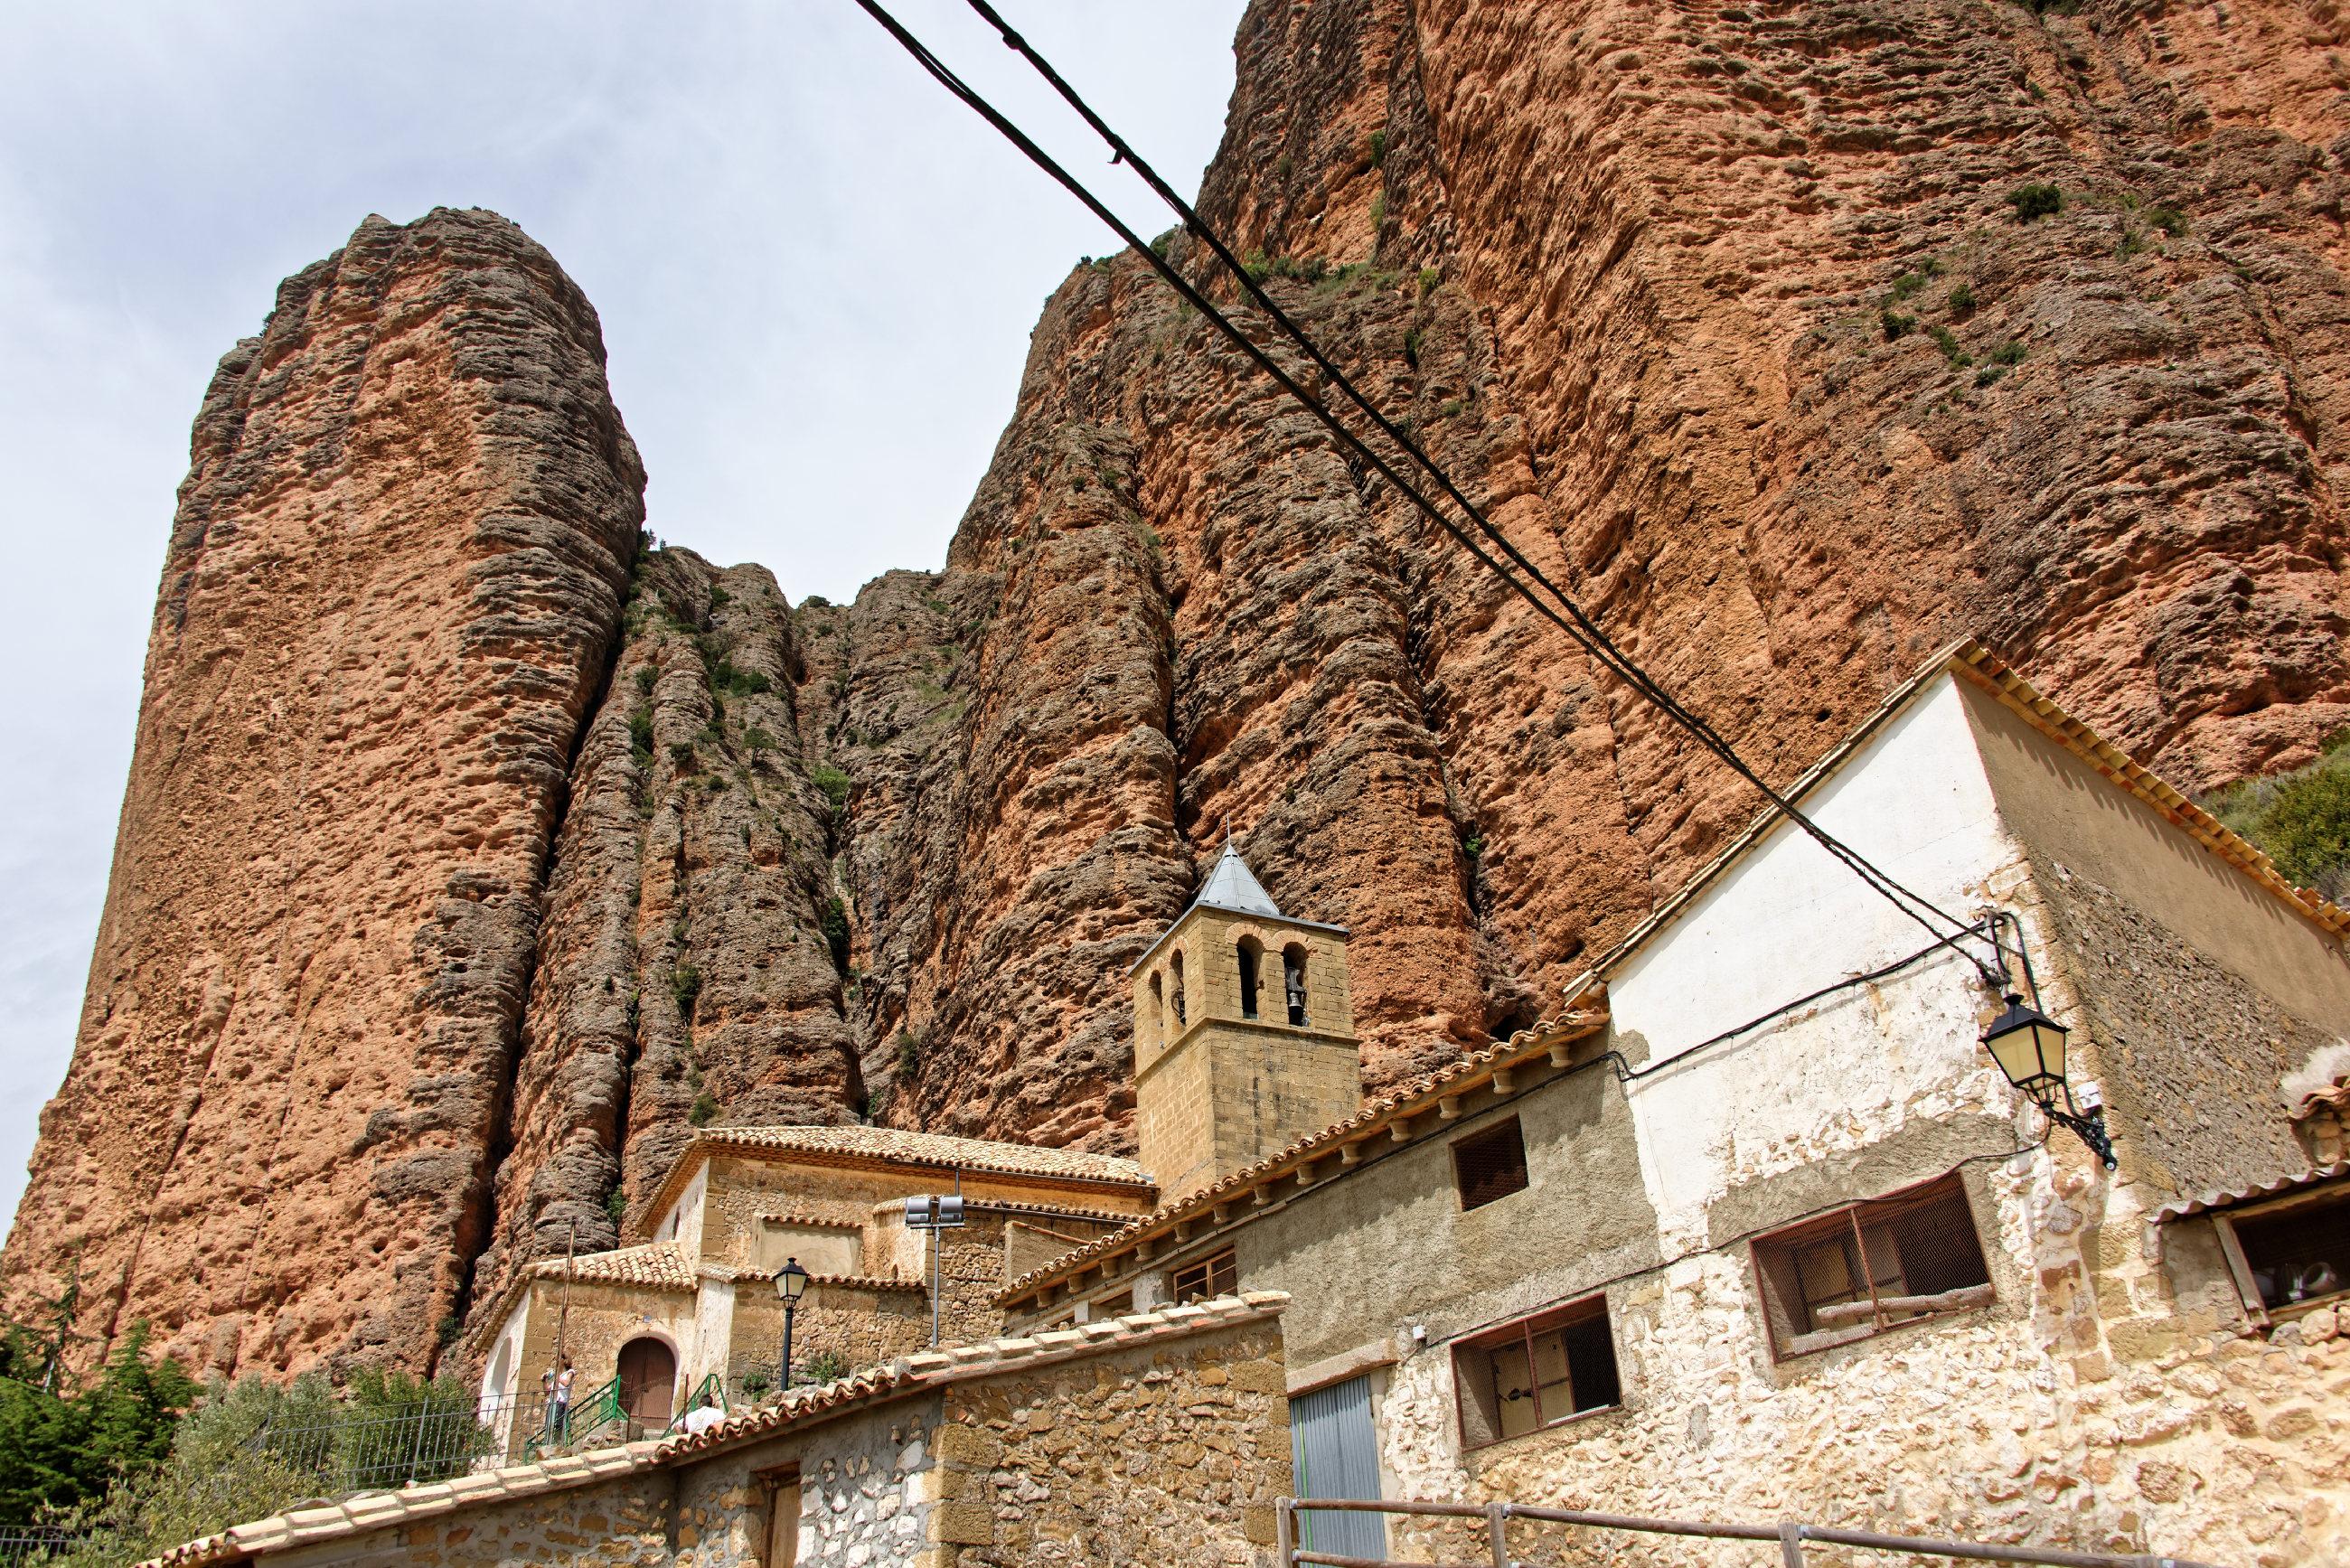 (7247) Mallos de Riglos (Aragon)